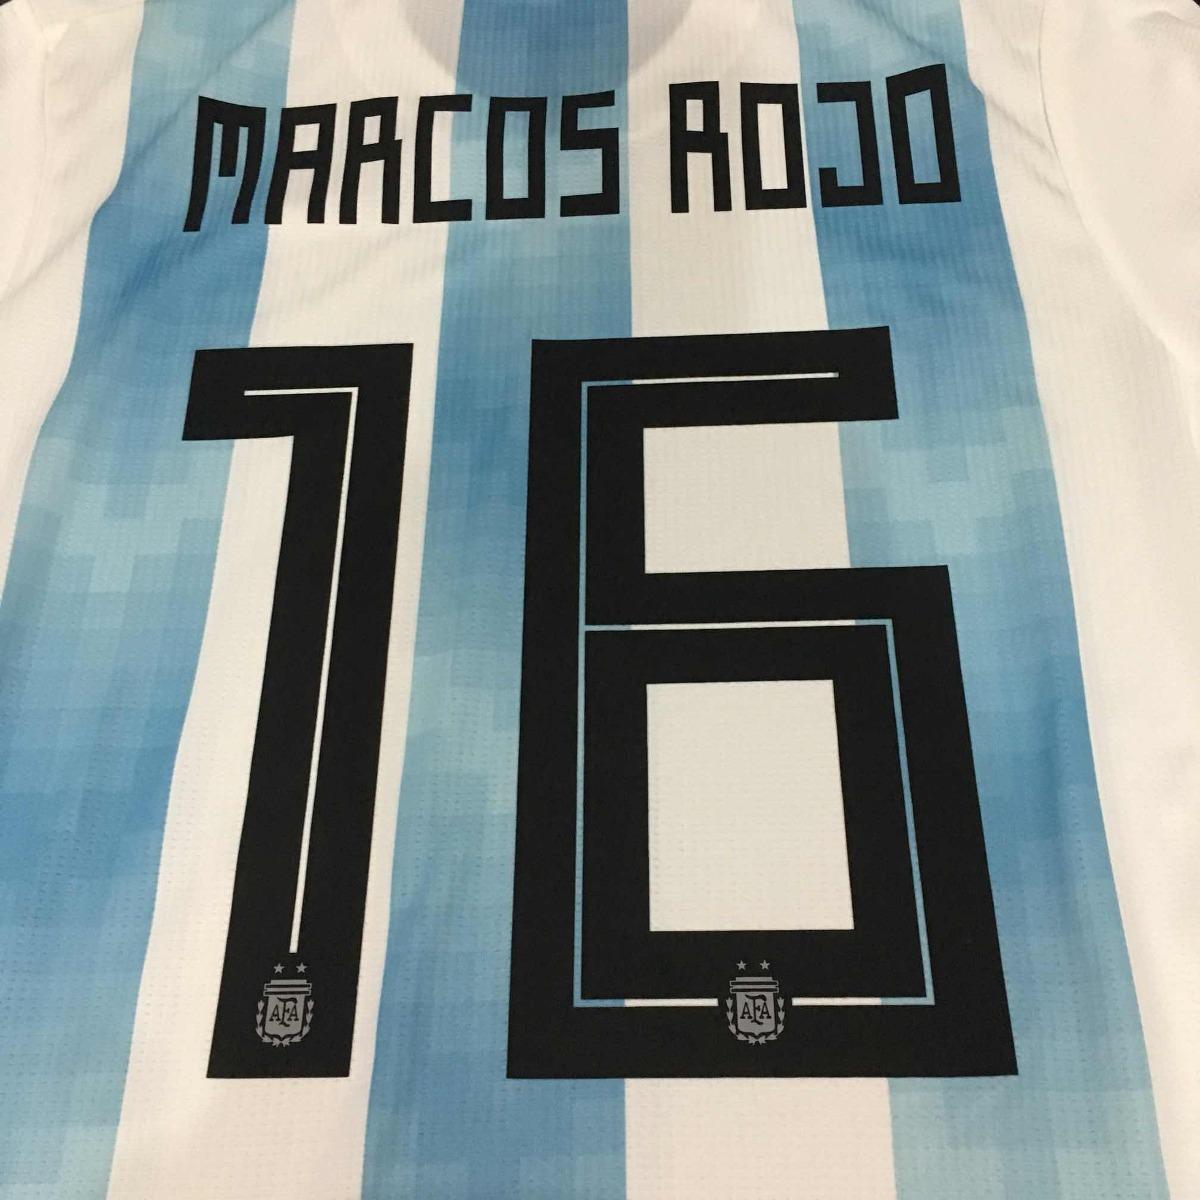 Estampado Afa 2018 Plastisol #16 Marcos Rojo - $ 699,00 en Mercado Libre